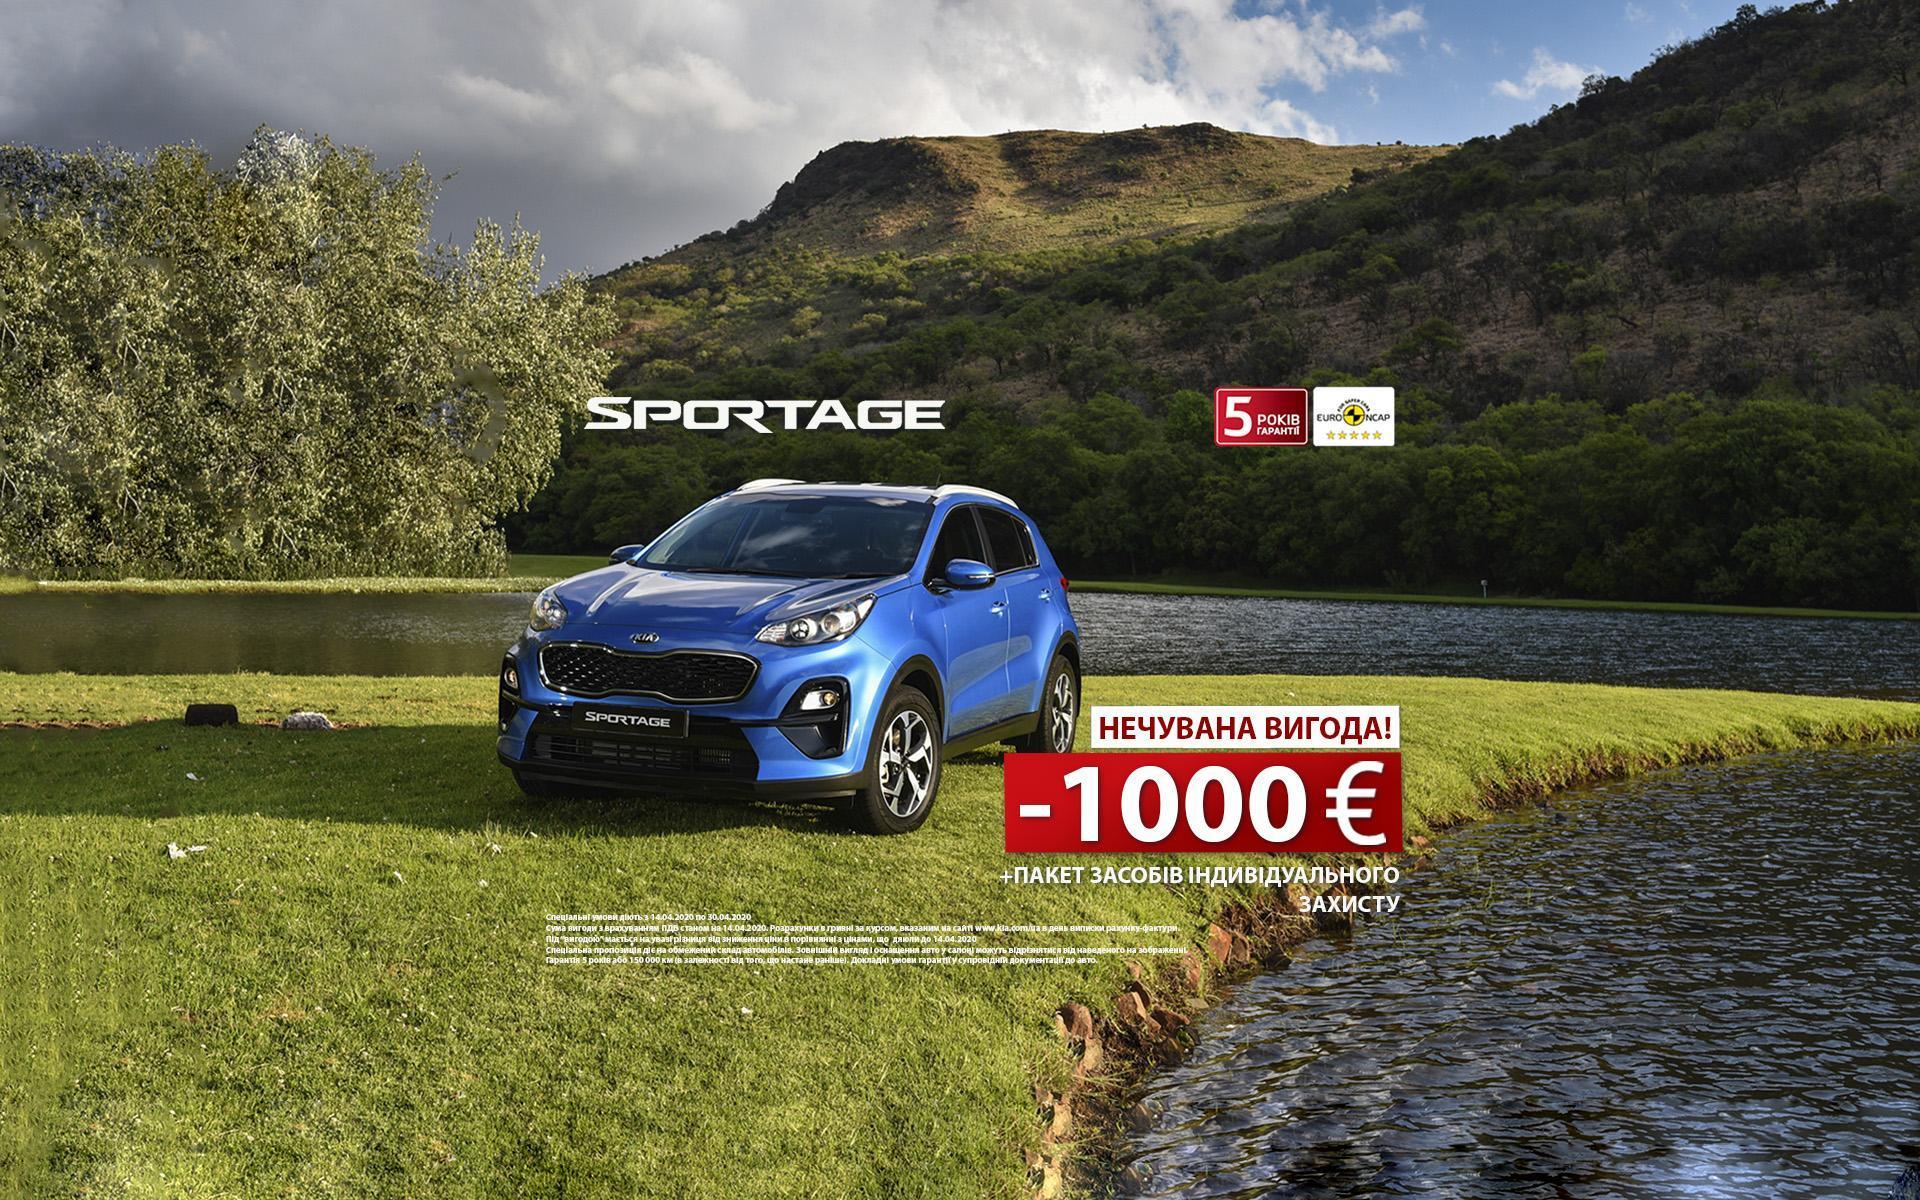 Спеціальну пропозицію на KIA Sportage подовжено!